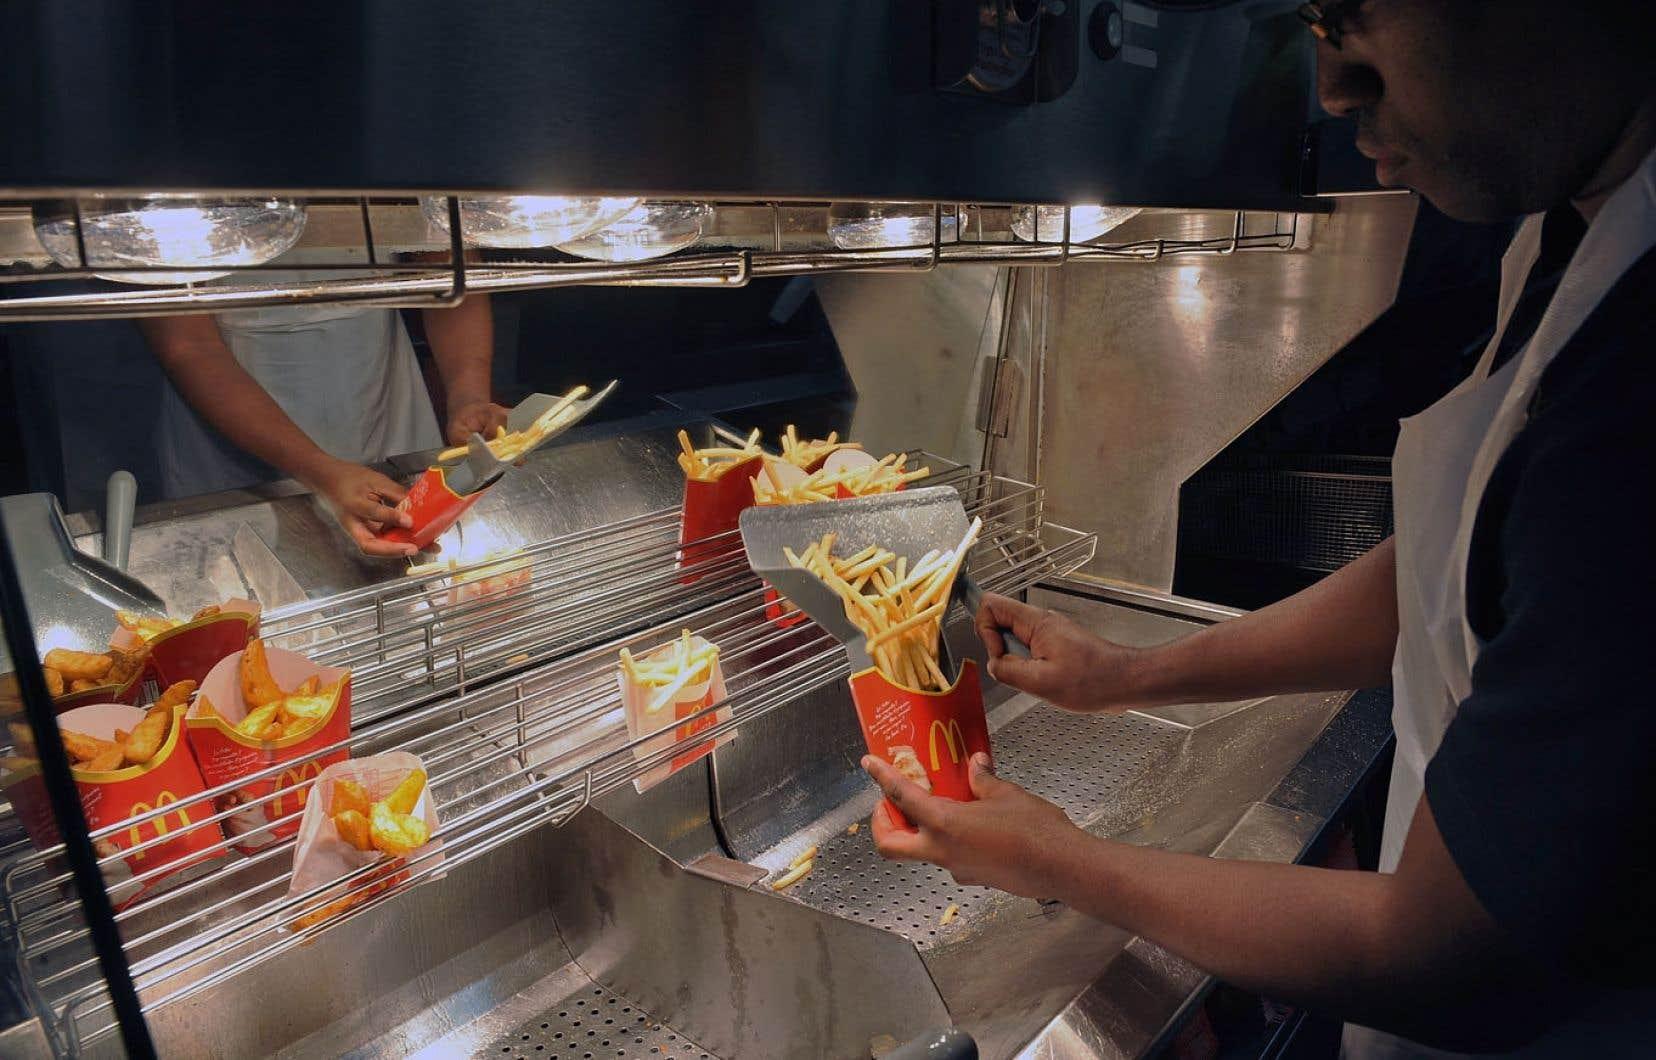 Dans un restaurant McDonald's à Ramonville-Saint-Agne, en France, un employé sert des frites. L'entreprise n'aurait pas contribué au fisc français sa juste part d'impôts.